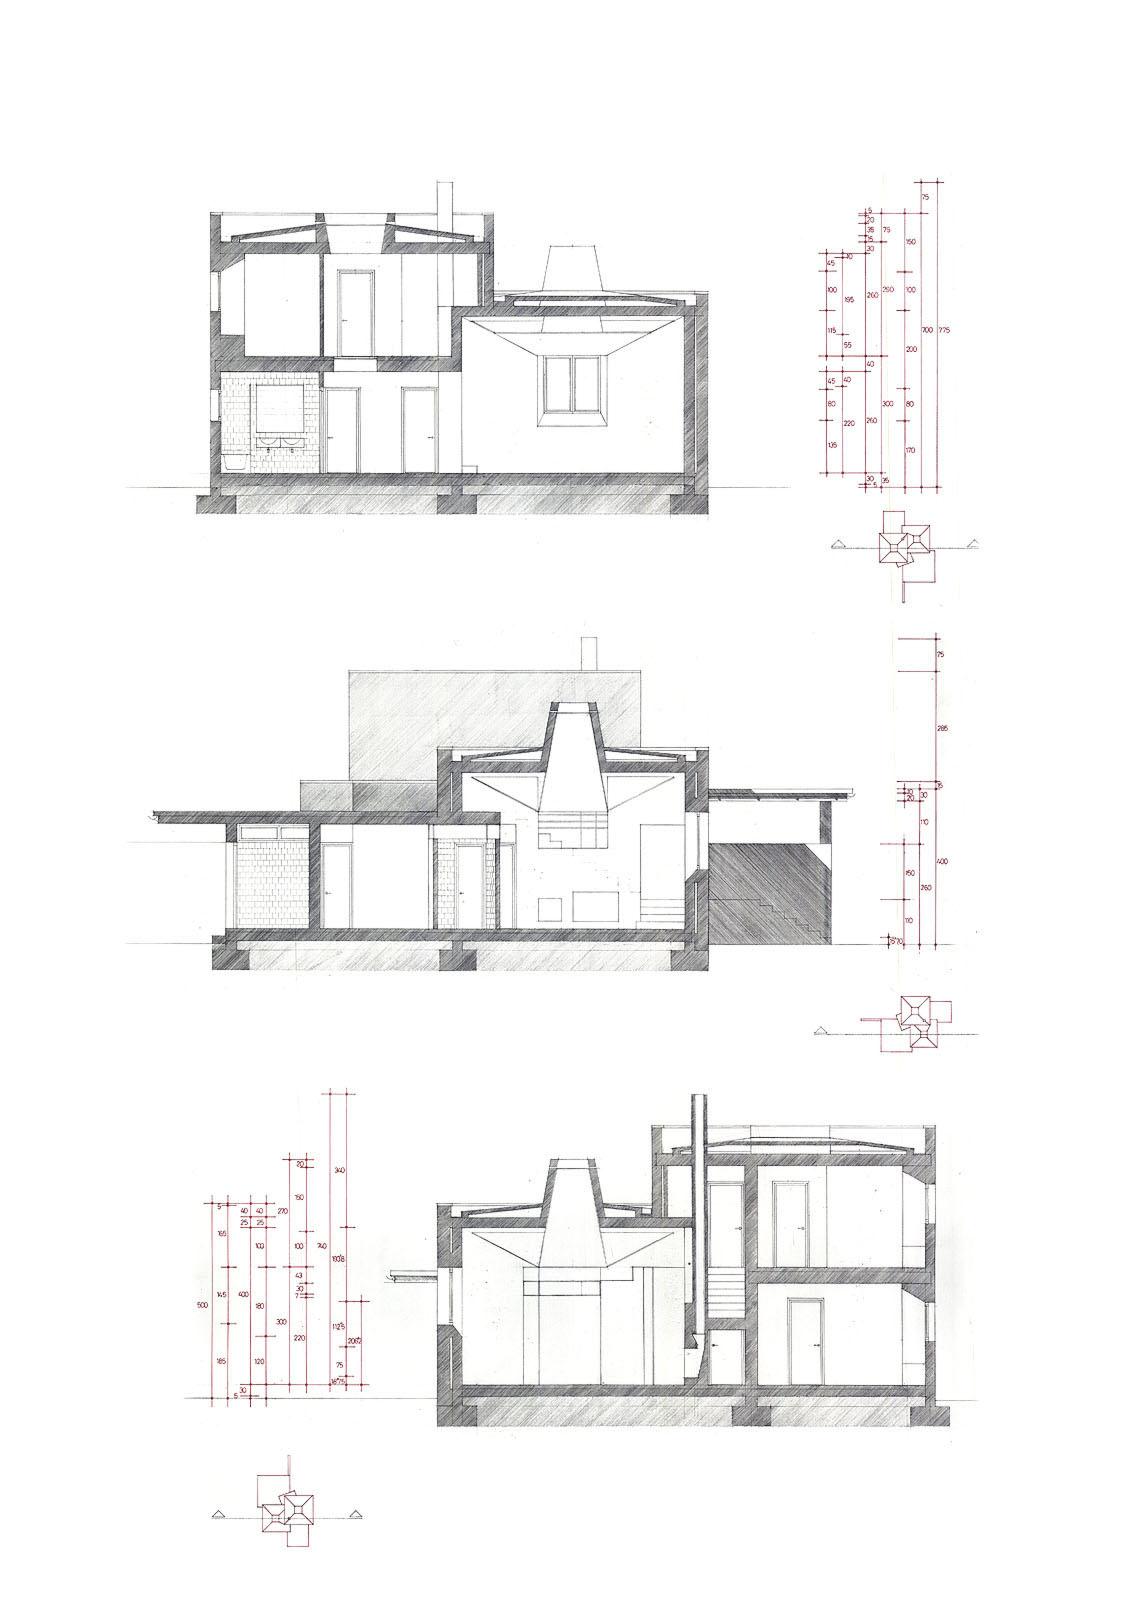 danielvillalobos-spanish-architecturexxthcentury-stonearchitecture-spanisharchitecturemodern-3